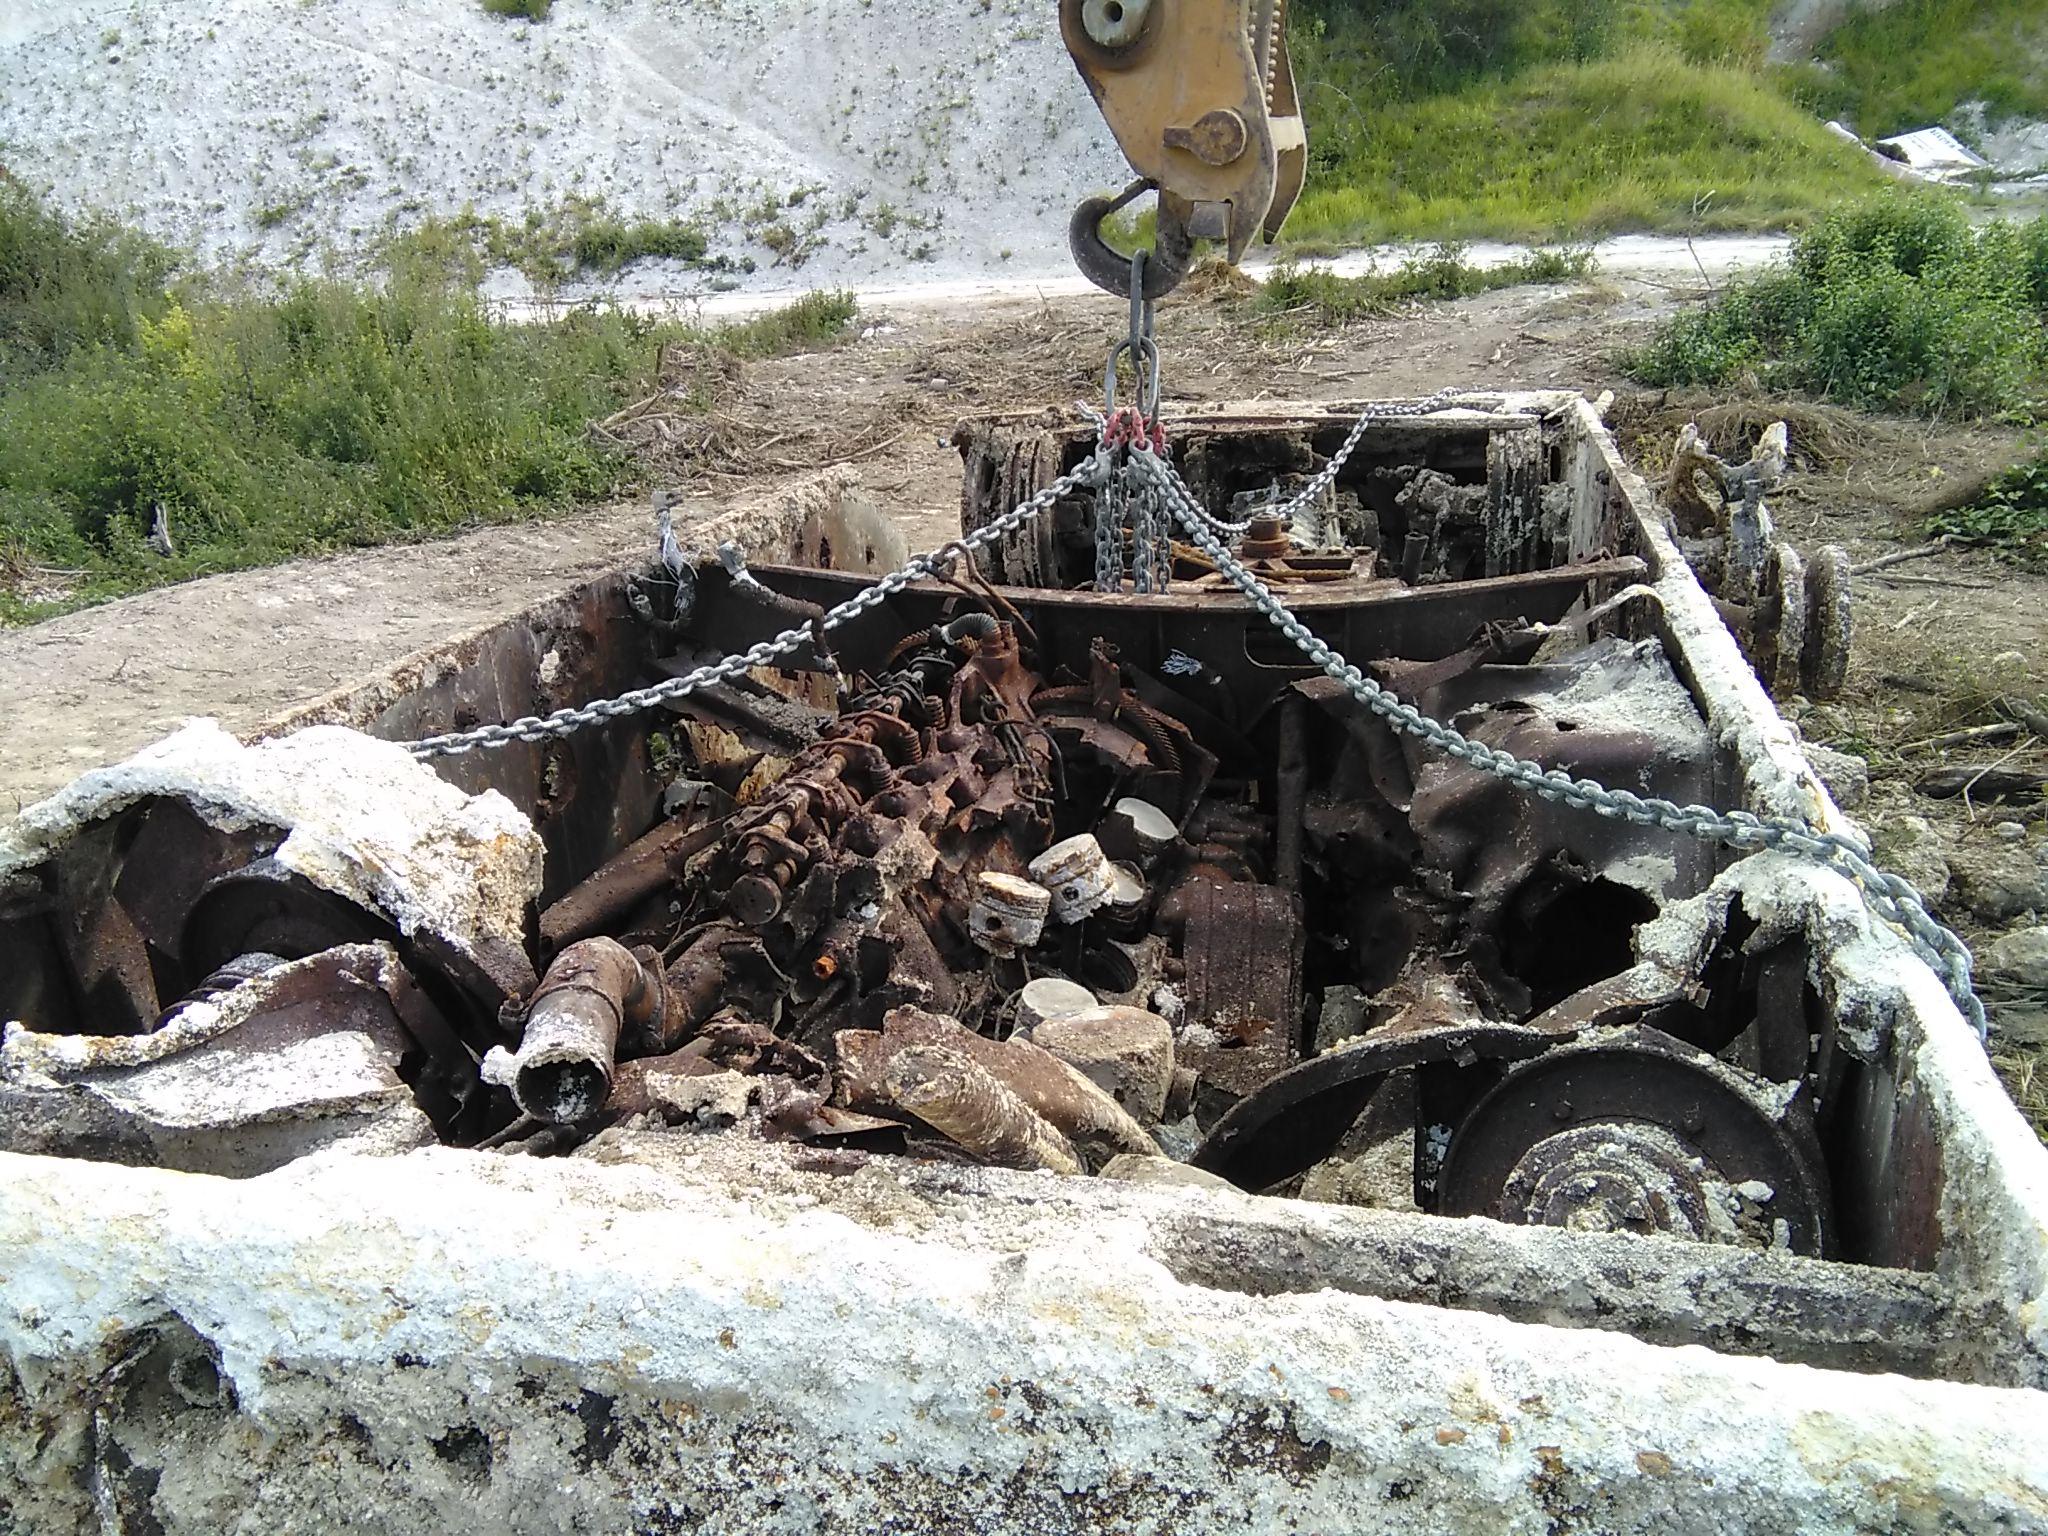 Un panzer découvert près d'Epernay 31319115072906380013110613476984